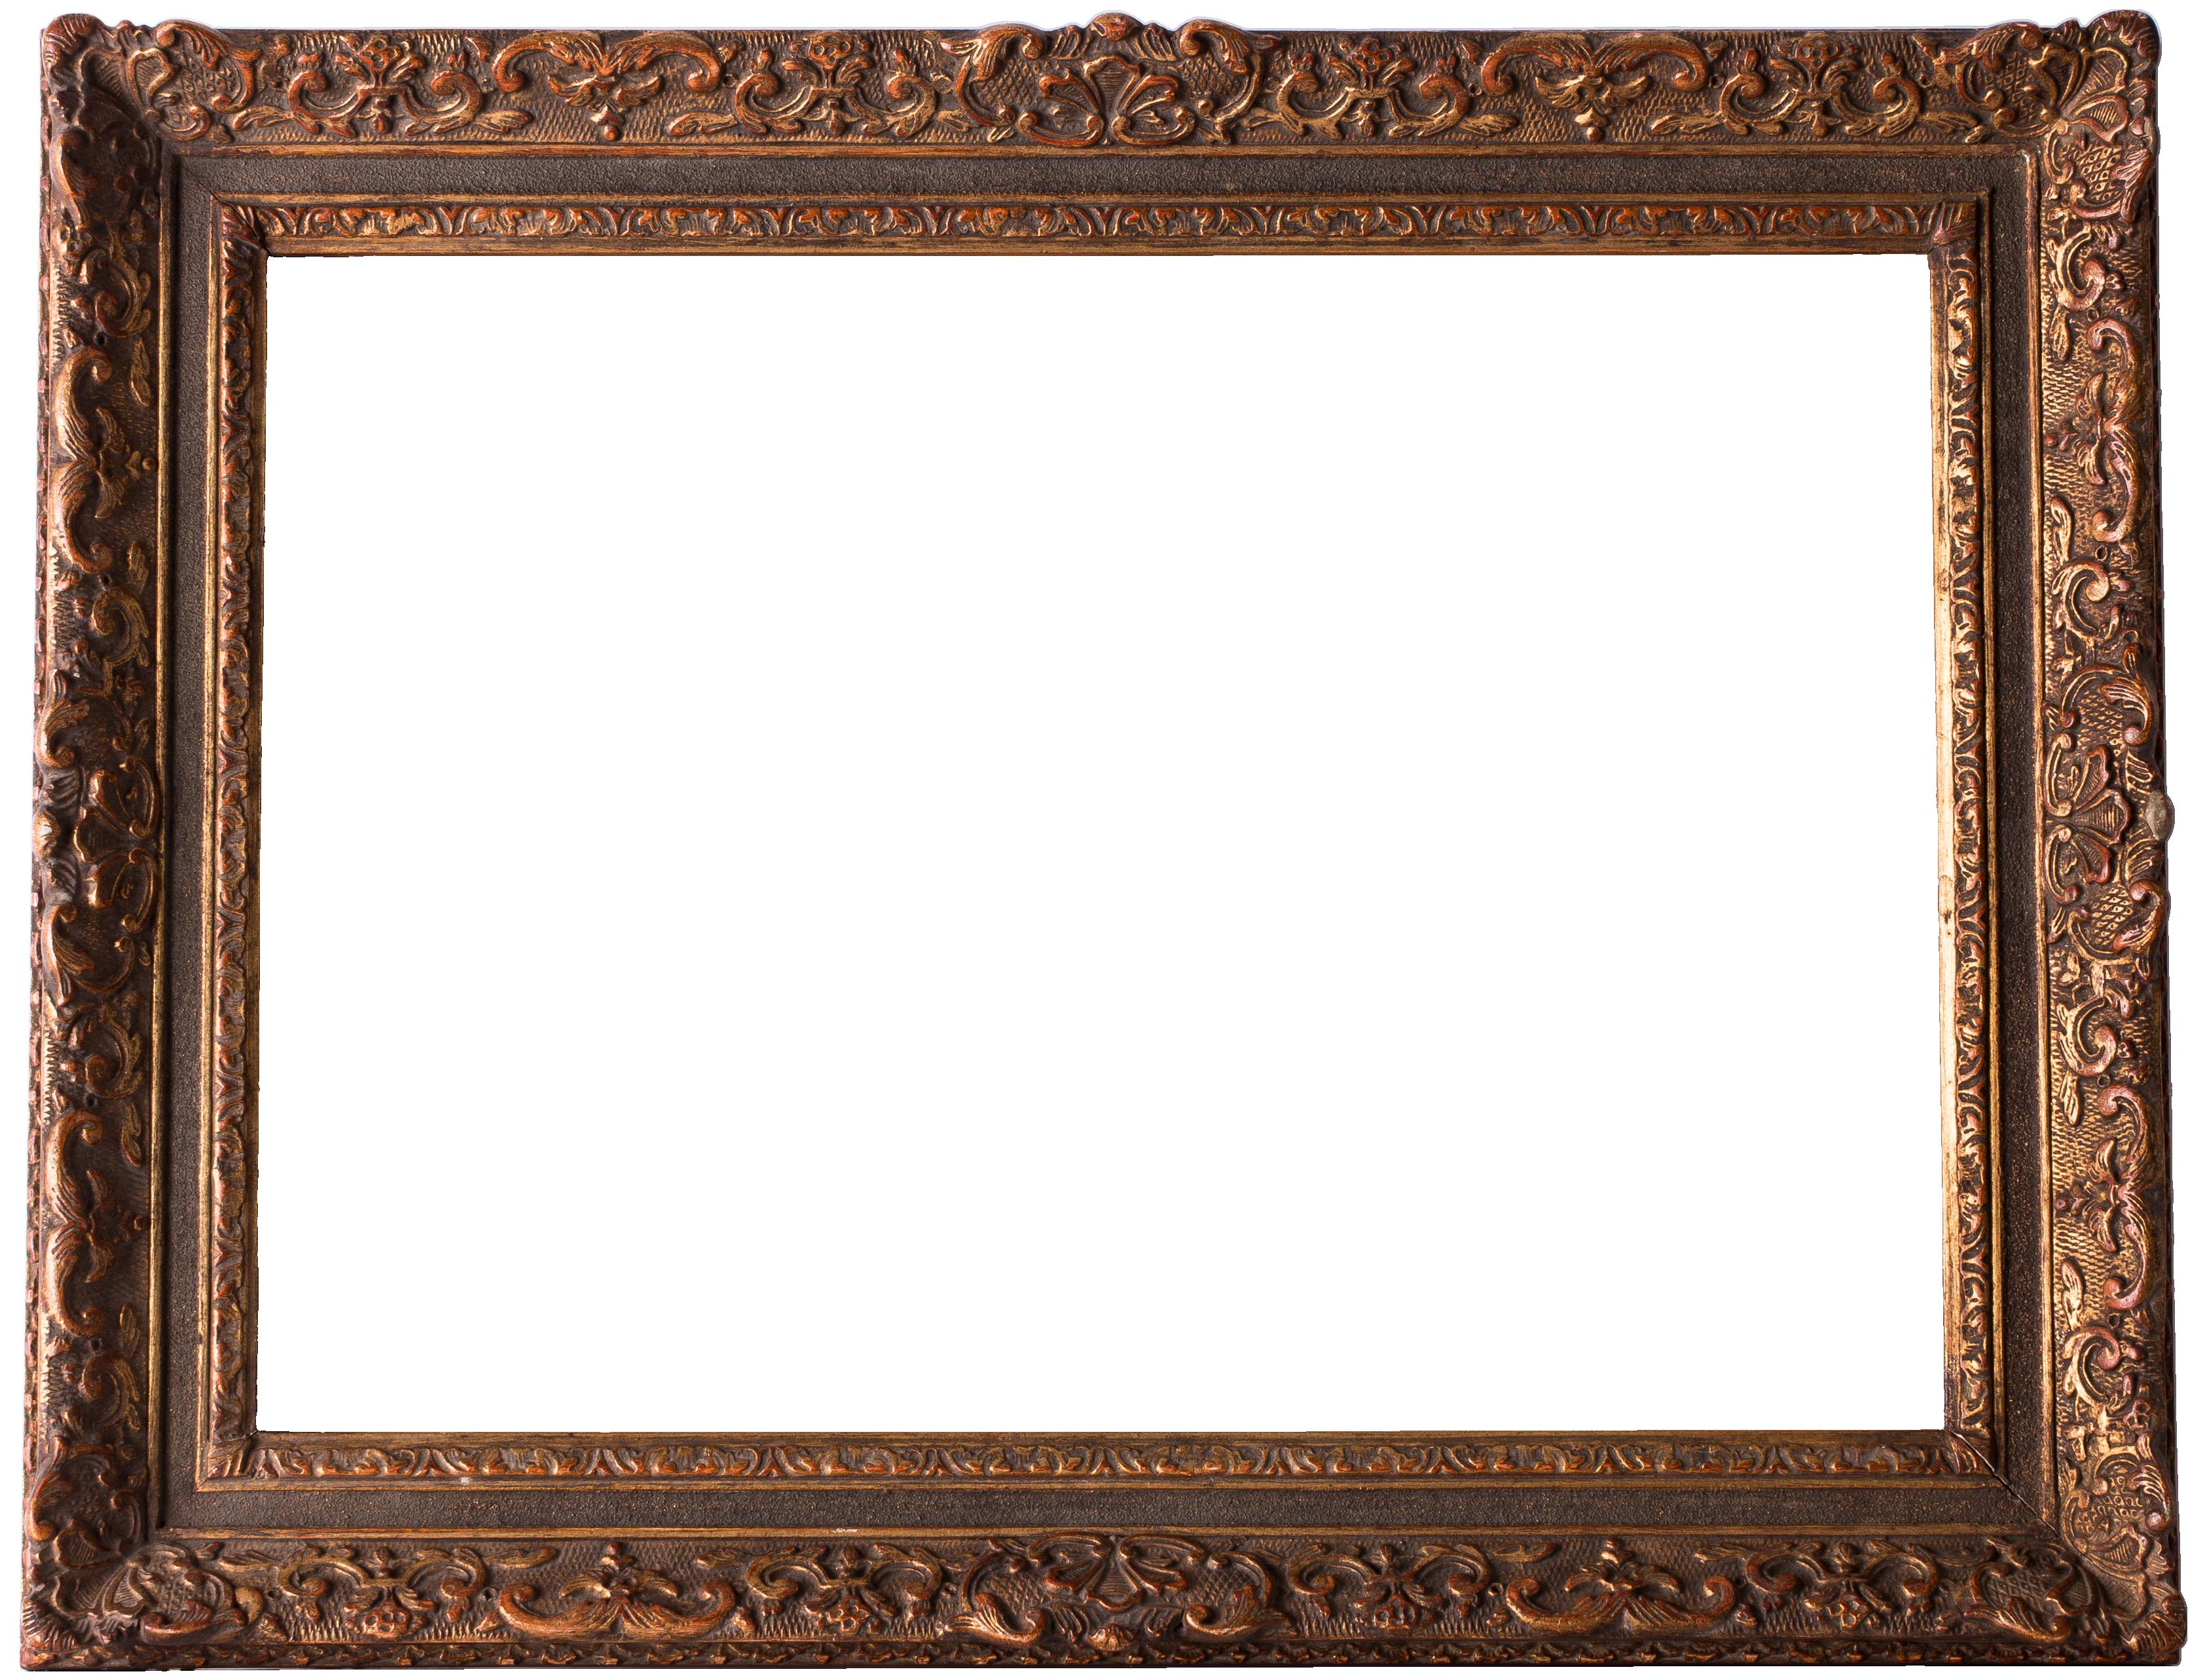 Transparent image gallery yopriceville. Vintage frame png